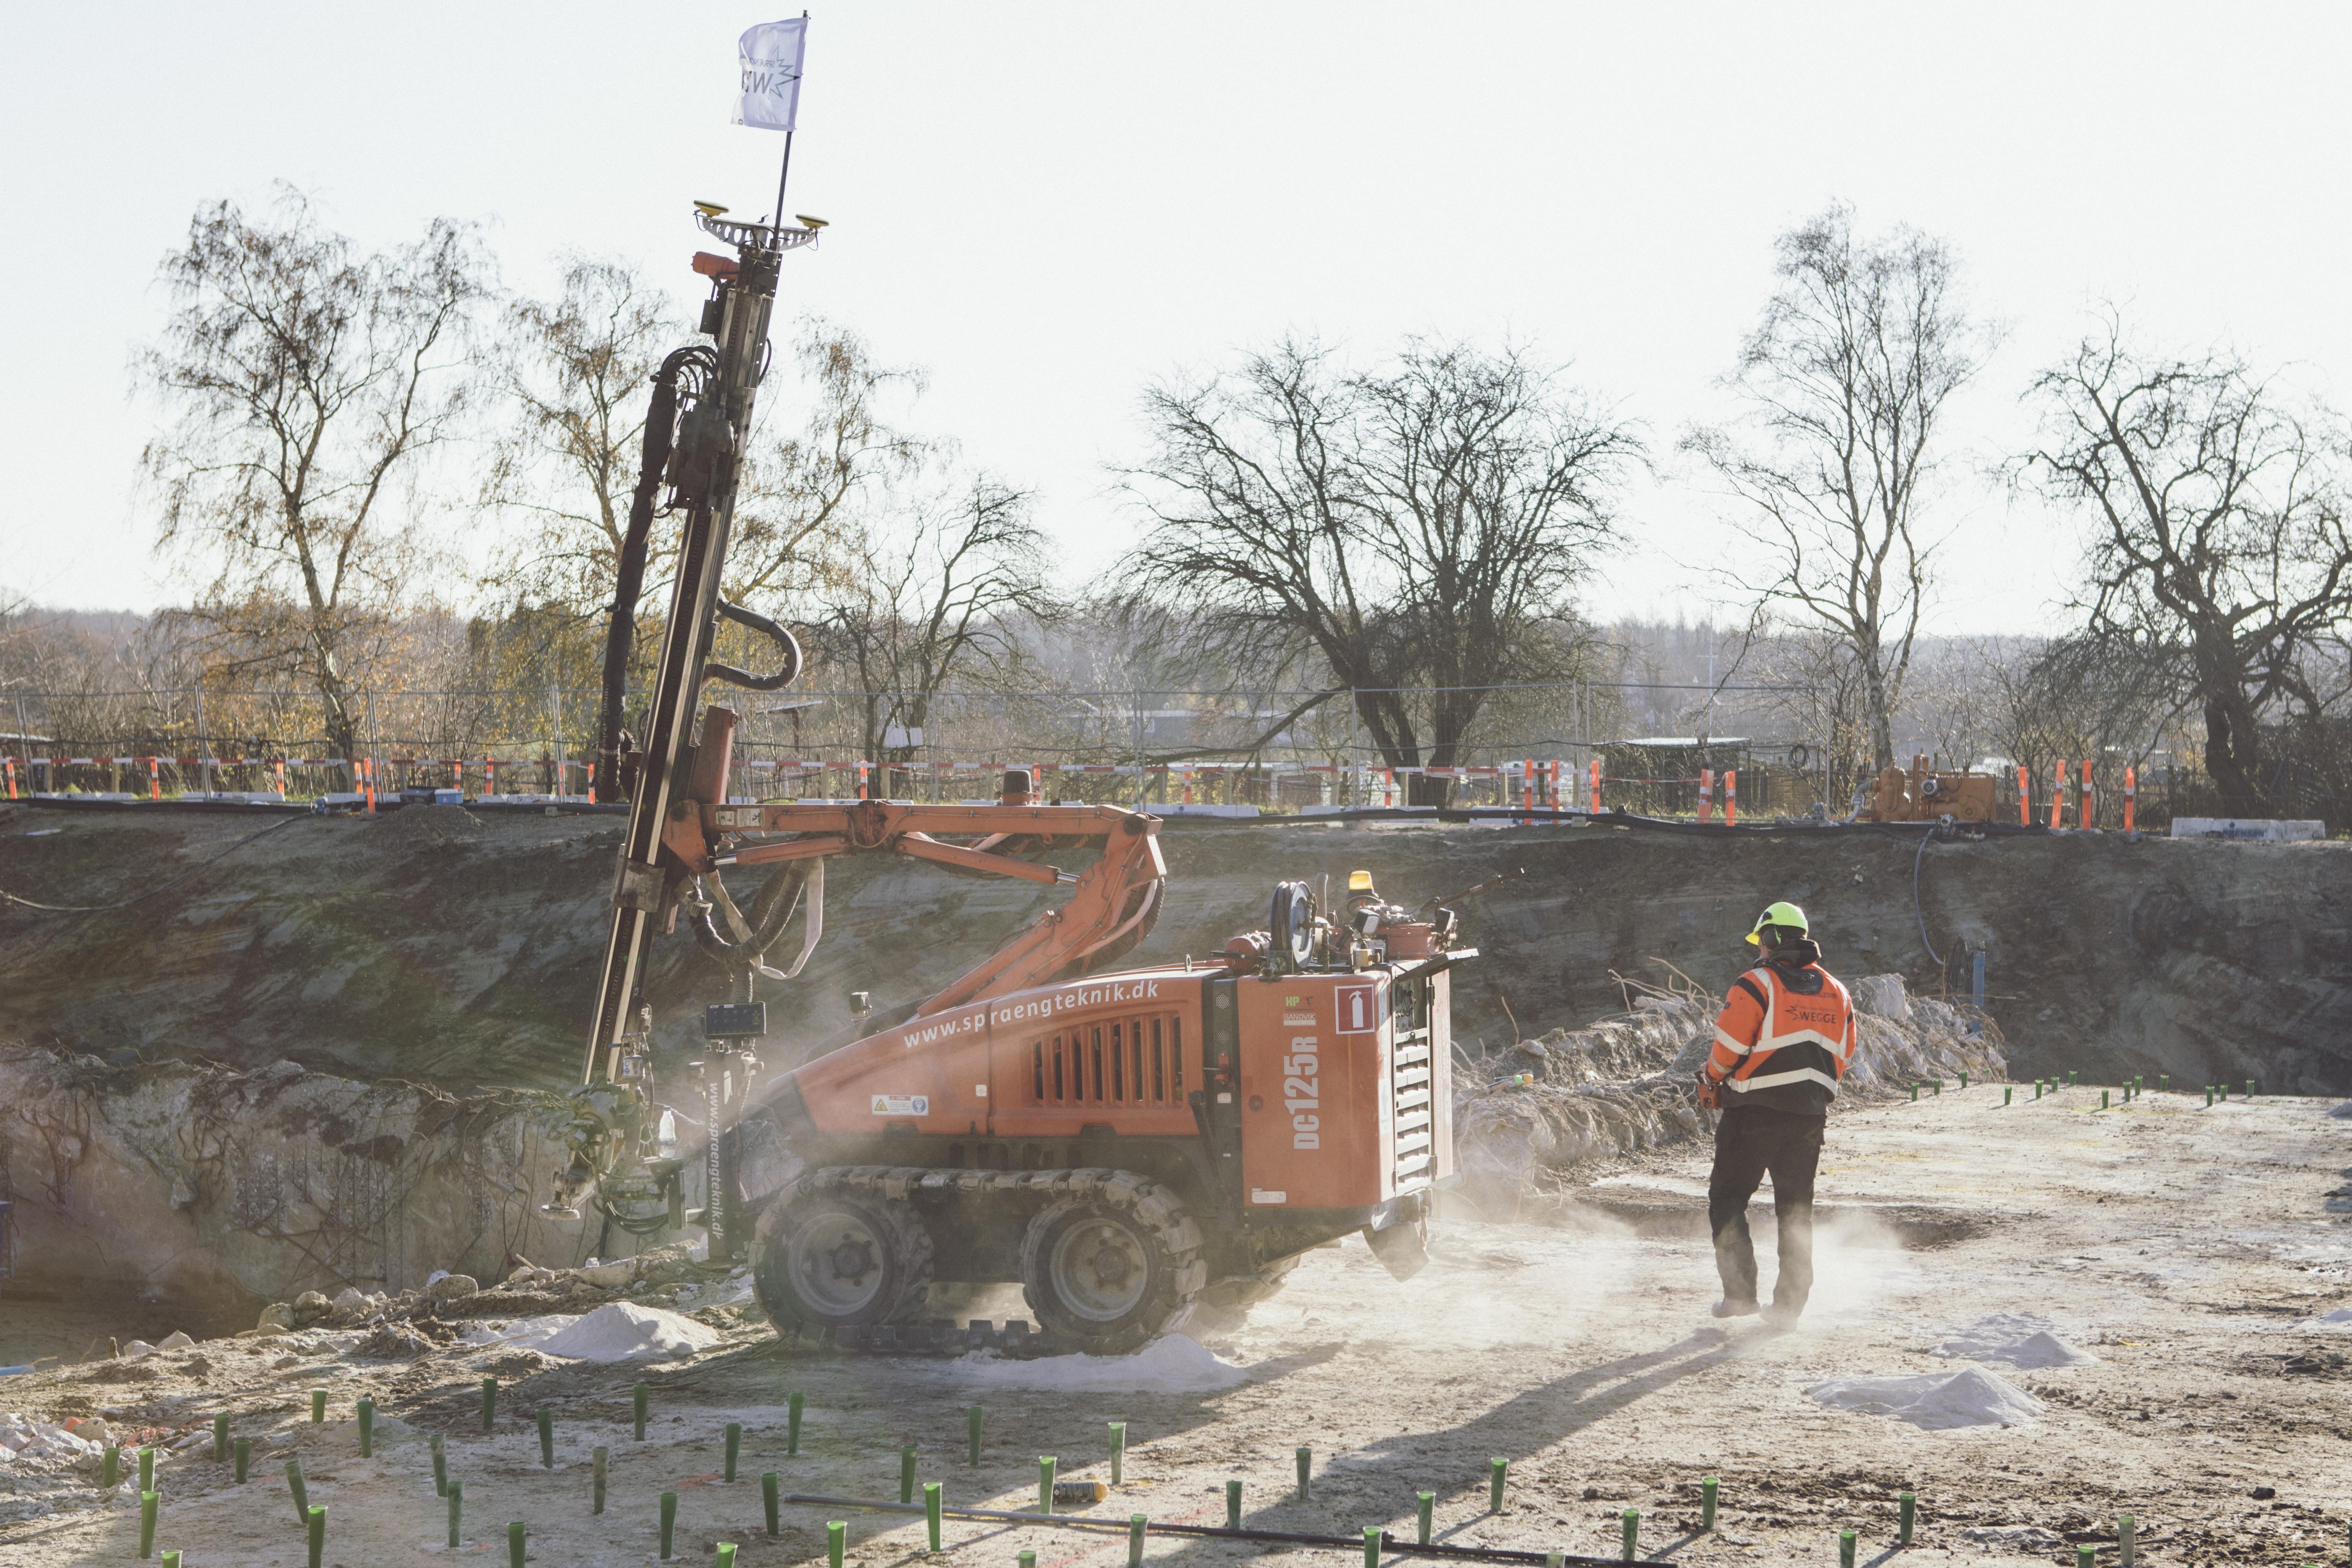 Billede af maskine under byggeri